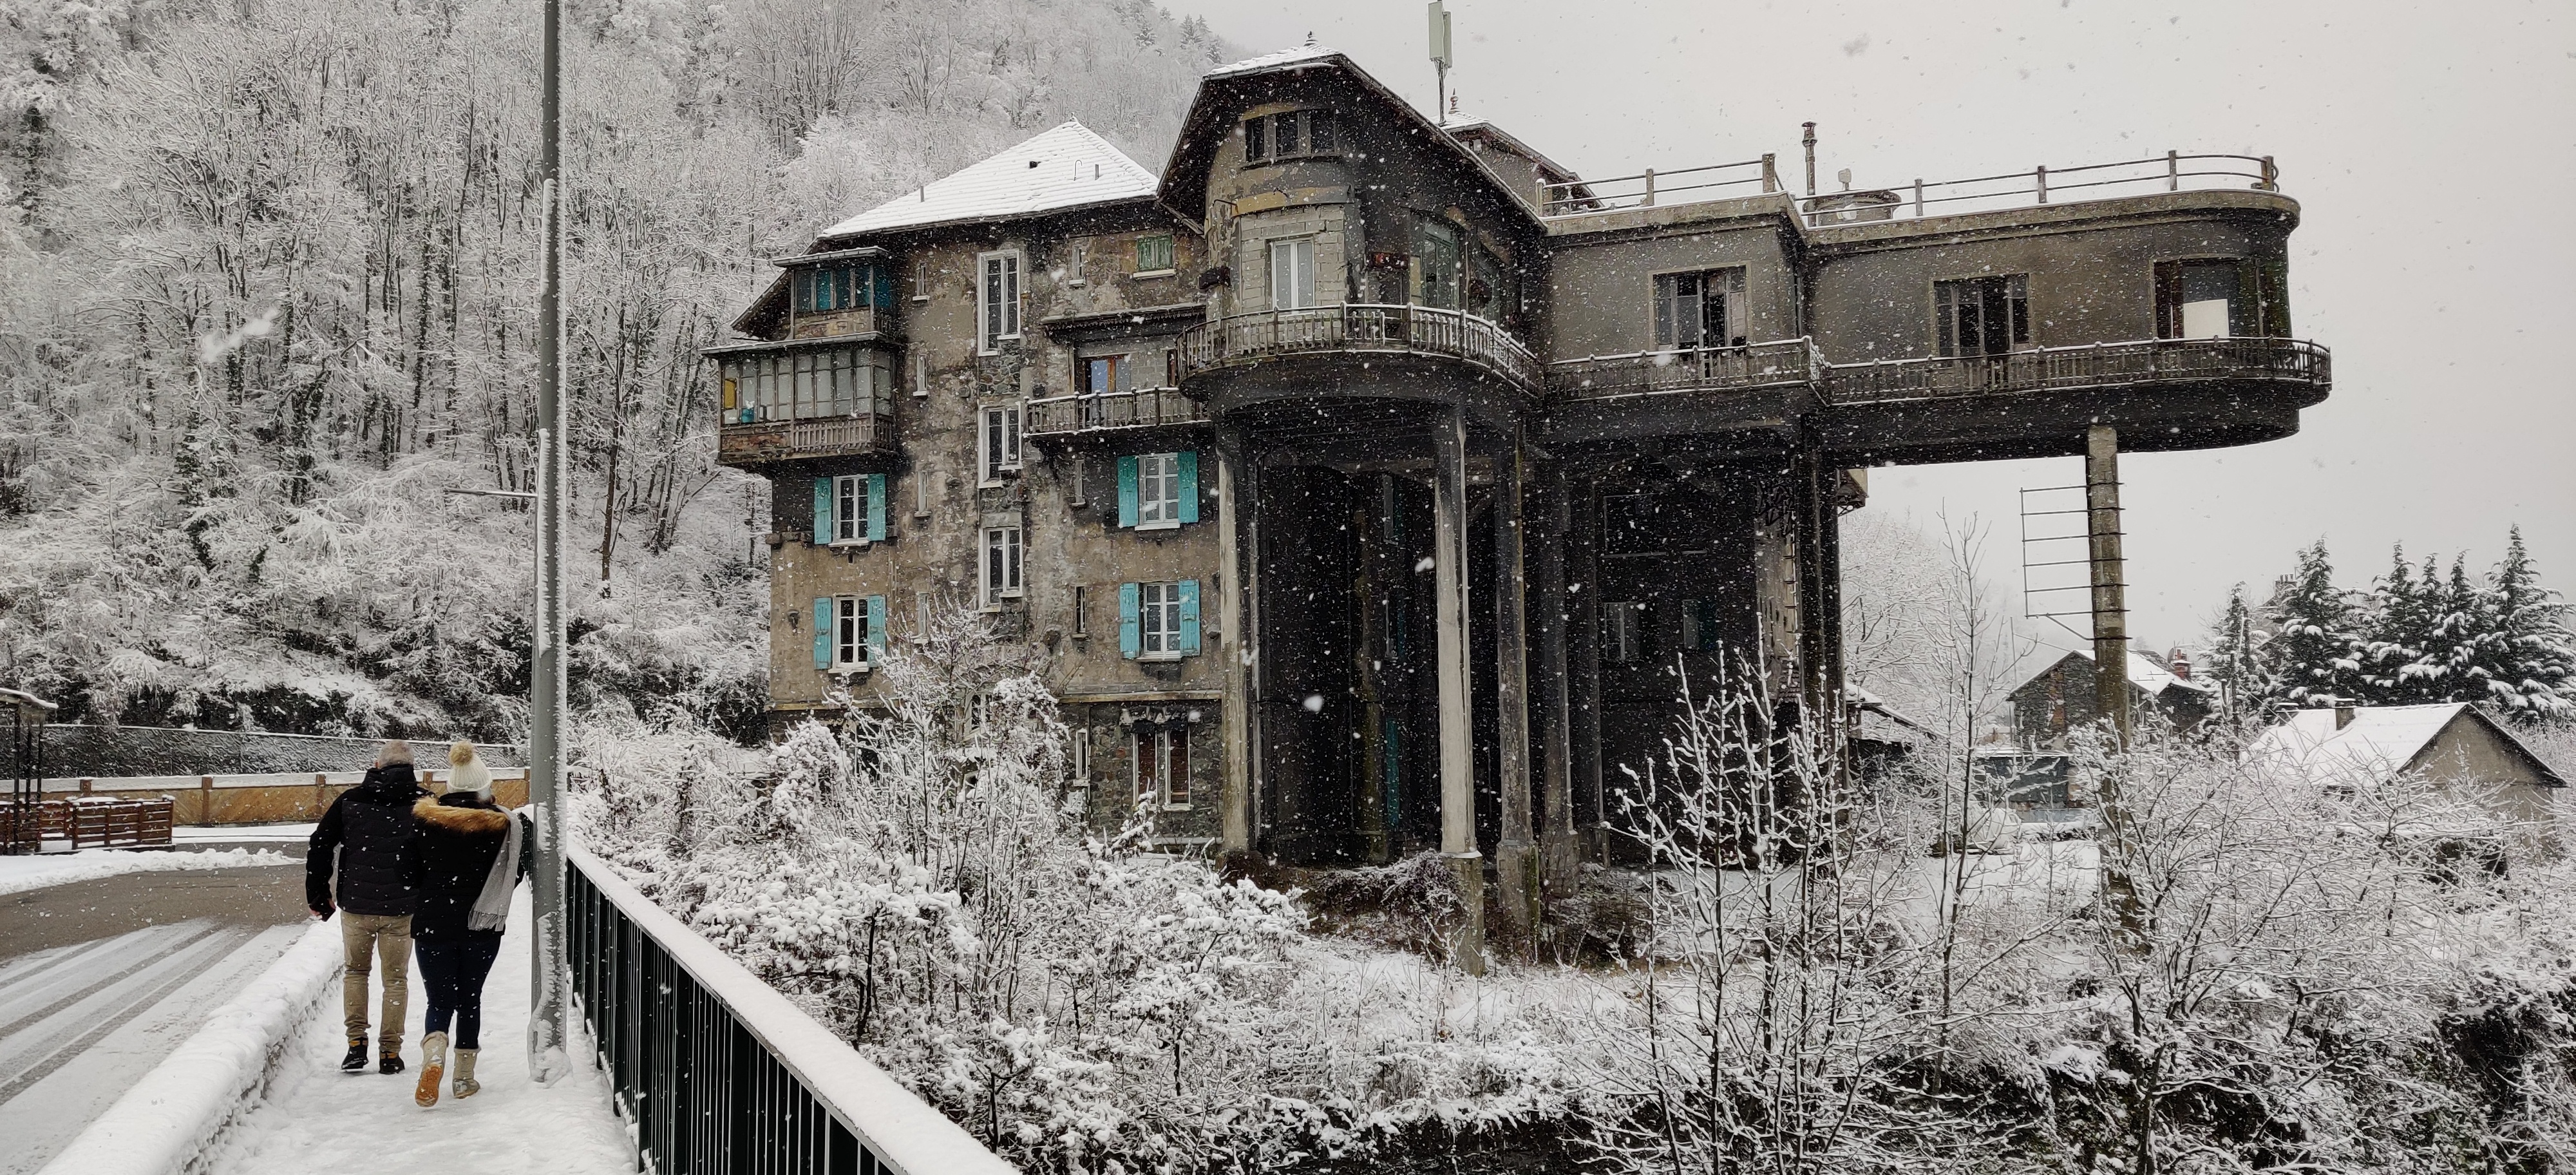 Auf Spurensuche der Vergangenen Industriekultur im Oisans, französische Alpen. Herrenhaus der Instrustriellen Keller und Lelieux. Das Haus sticht durch seine besondere Architektur hervor. Das Büro, welches auf Betonstelzen zum Fluß hinausragt, ist inzwischen nahezu unbewohnt.